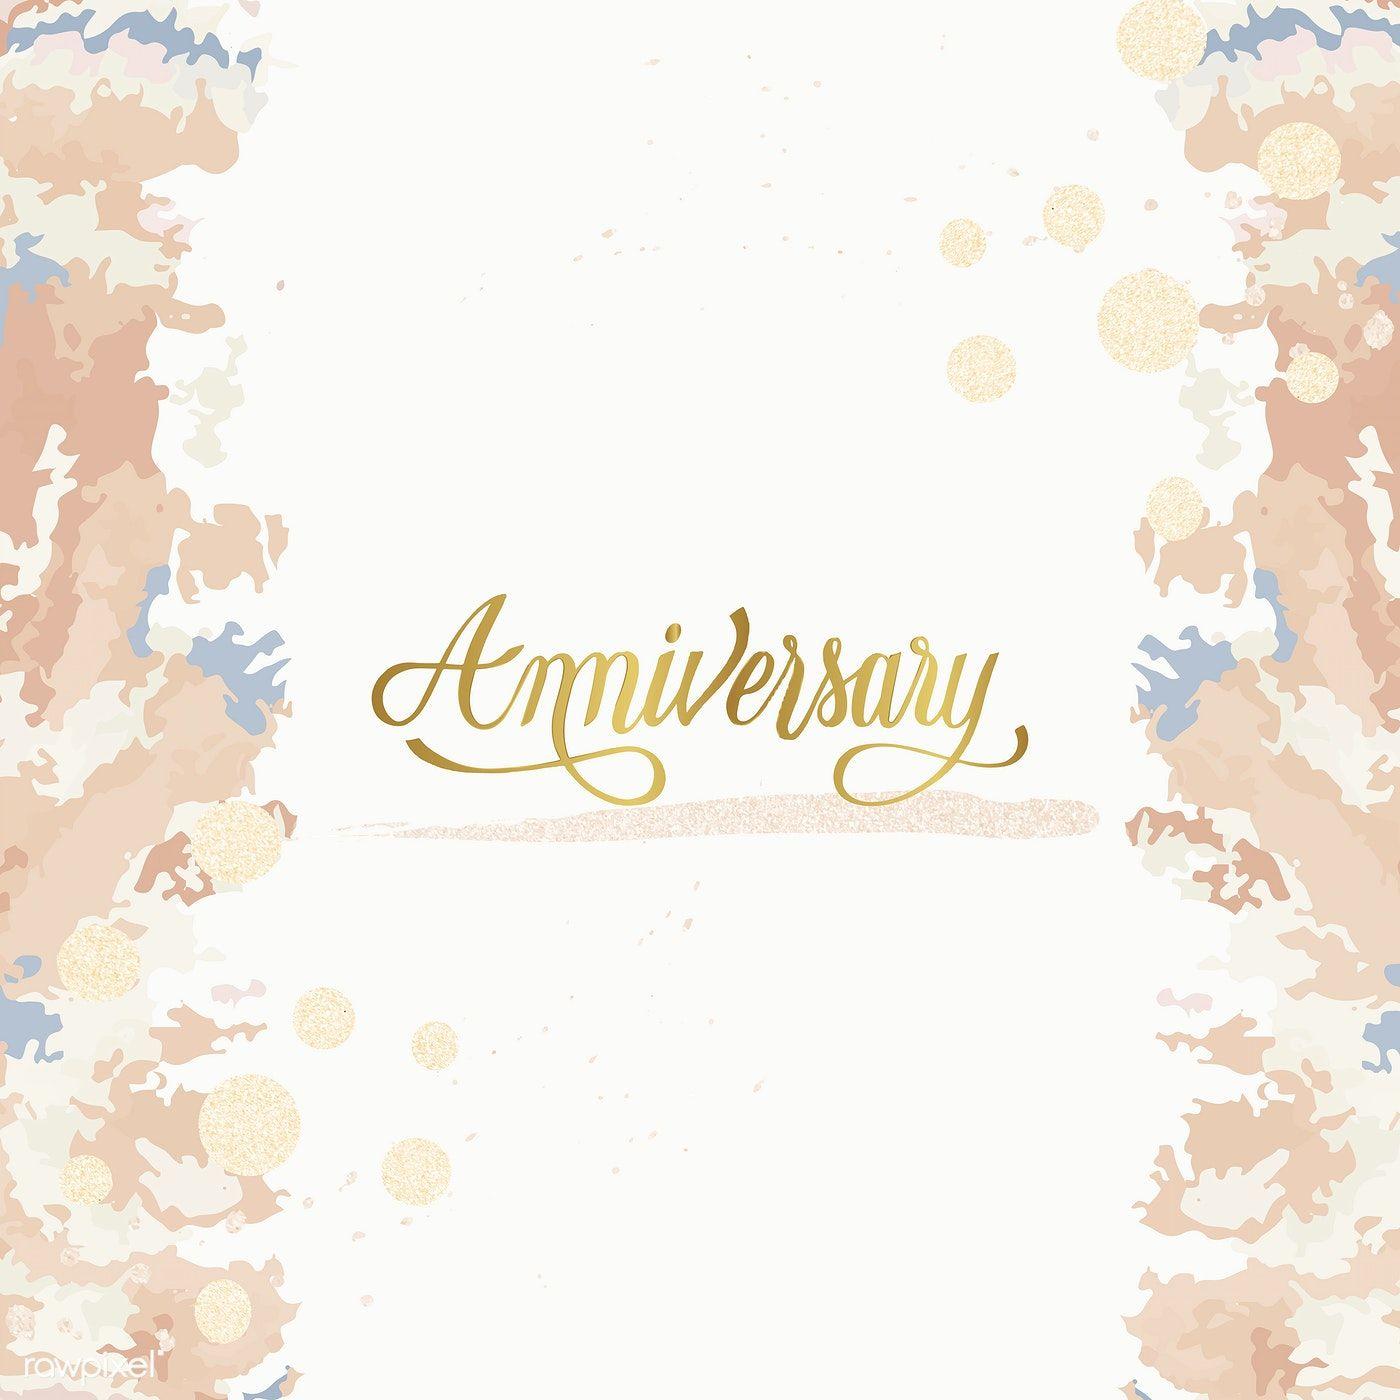 Download Premium Vector Of Pastel Wedding Anniversary Card Vector 533258 Wedding Anniversary Cards Pastel Wedding Anniversary Cards